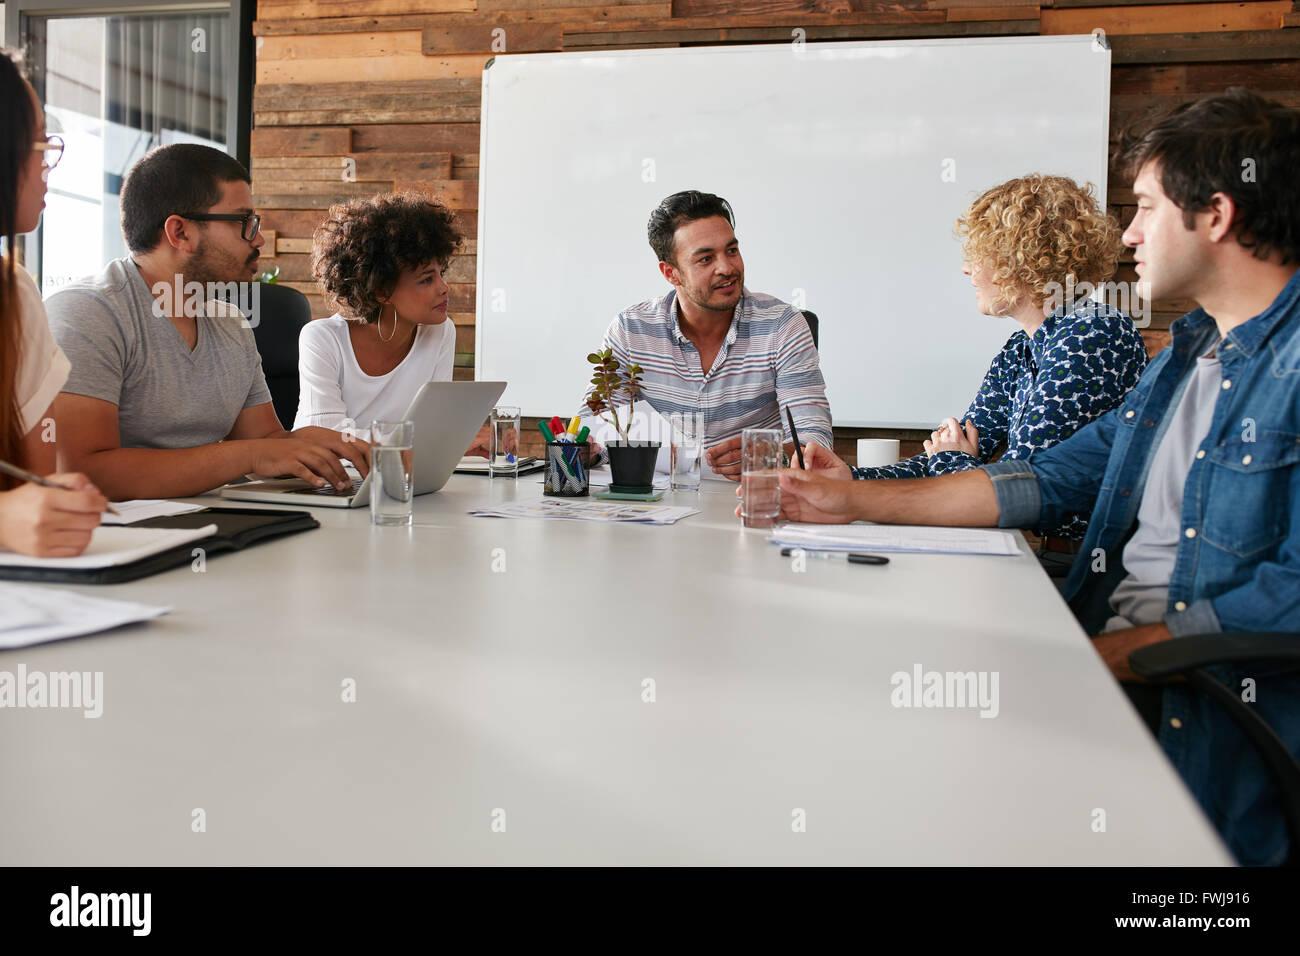 Retrato de los jóvenes trabajadores de oficina reunidos en una sala de juntas. Equipo de negocios multiétnico Imagen De Stock